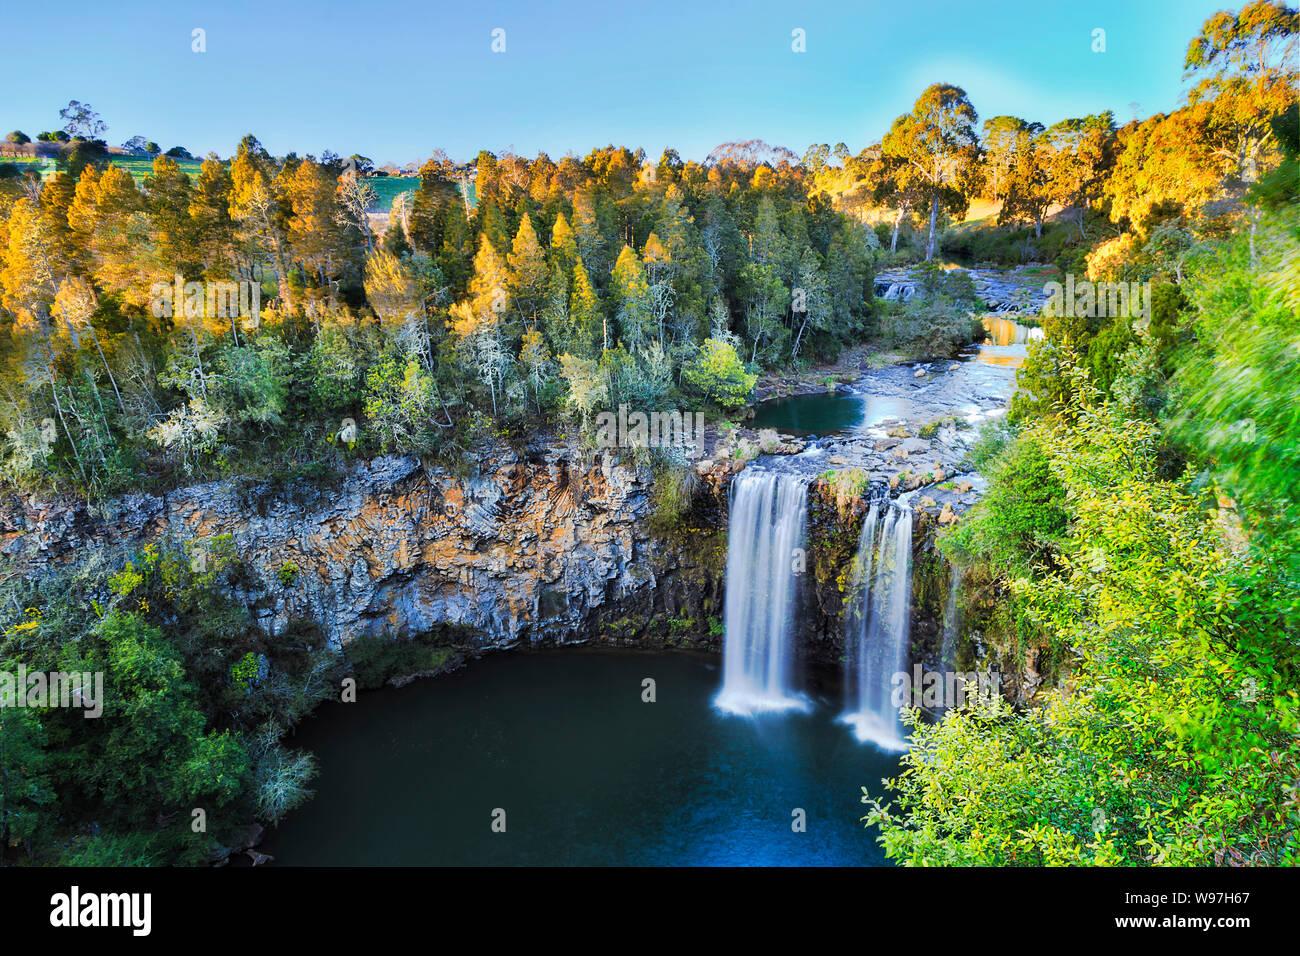 Vistas elevadas Dangar cae en el Parque Nacional Dorrigo Dorrigo, cerca de la ciudad en la mañana de luz suave con una suave corriente de agua cayendo al rock piscina cu Foto de stock